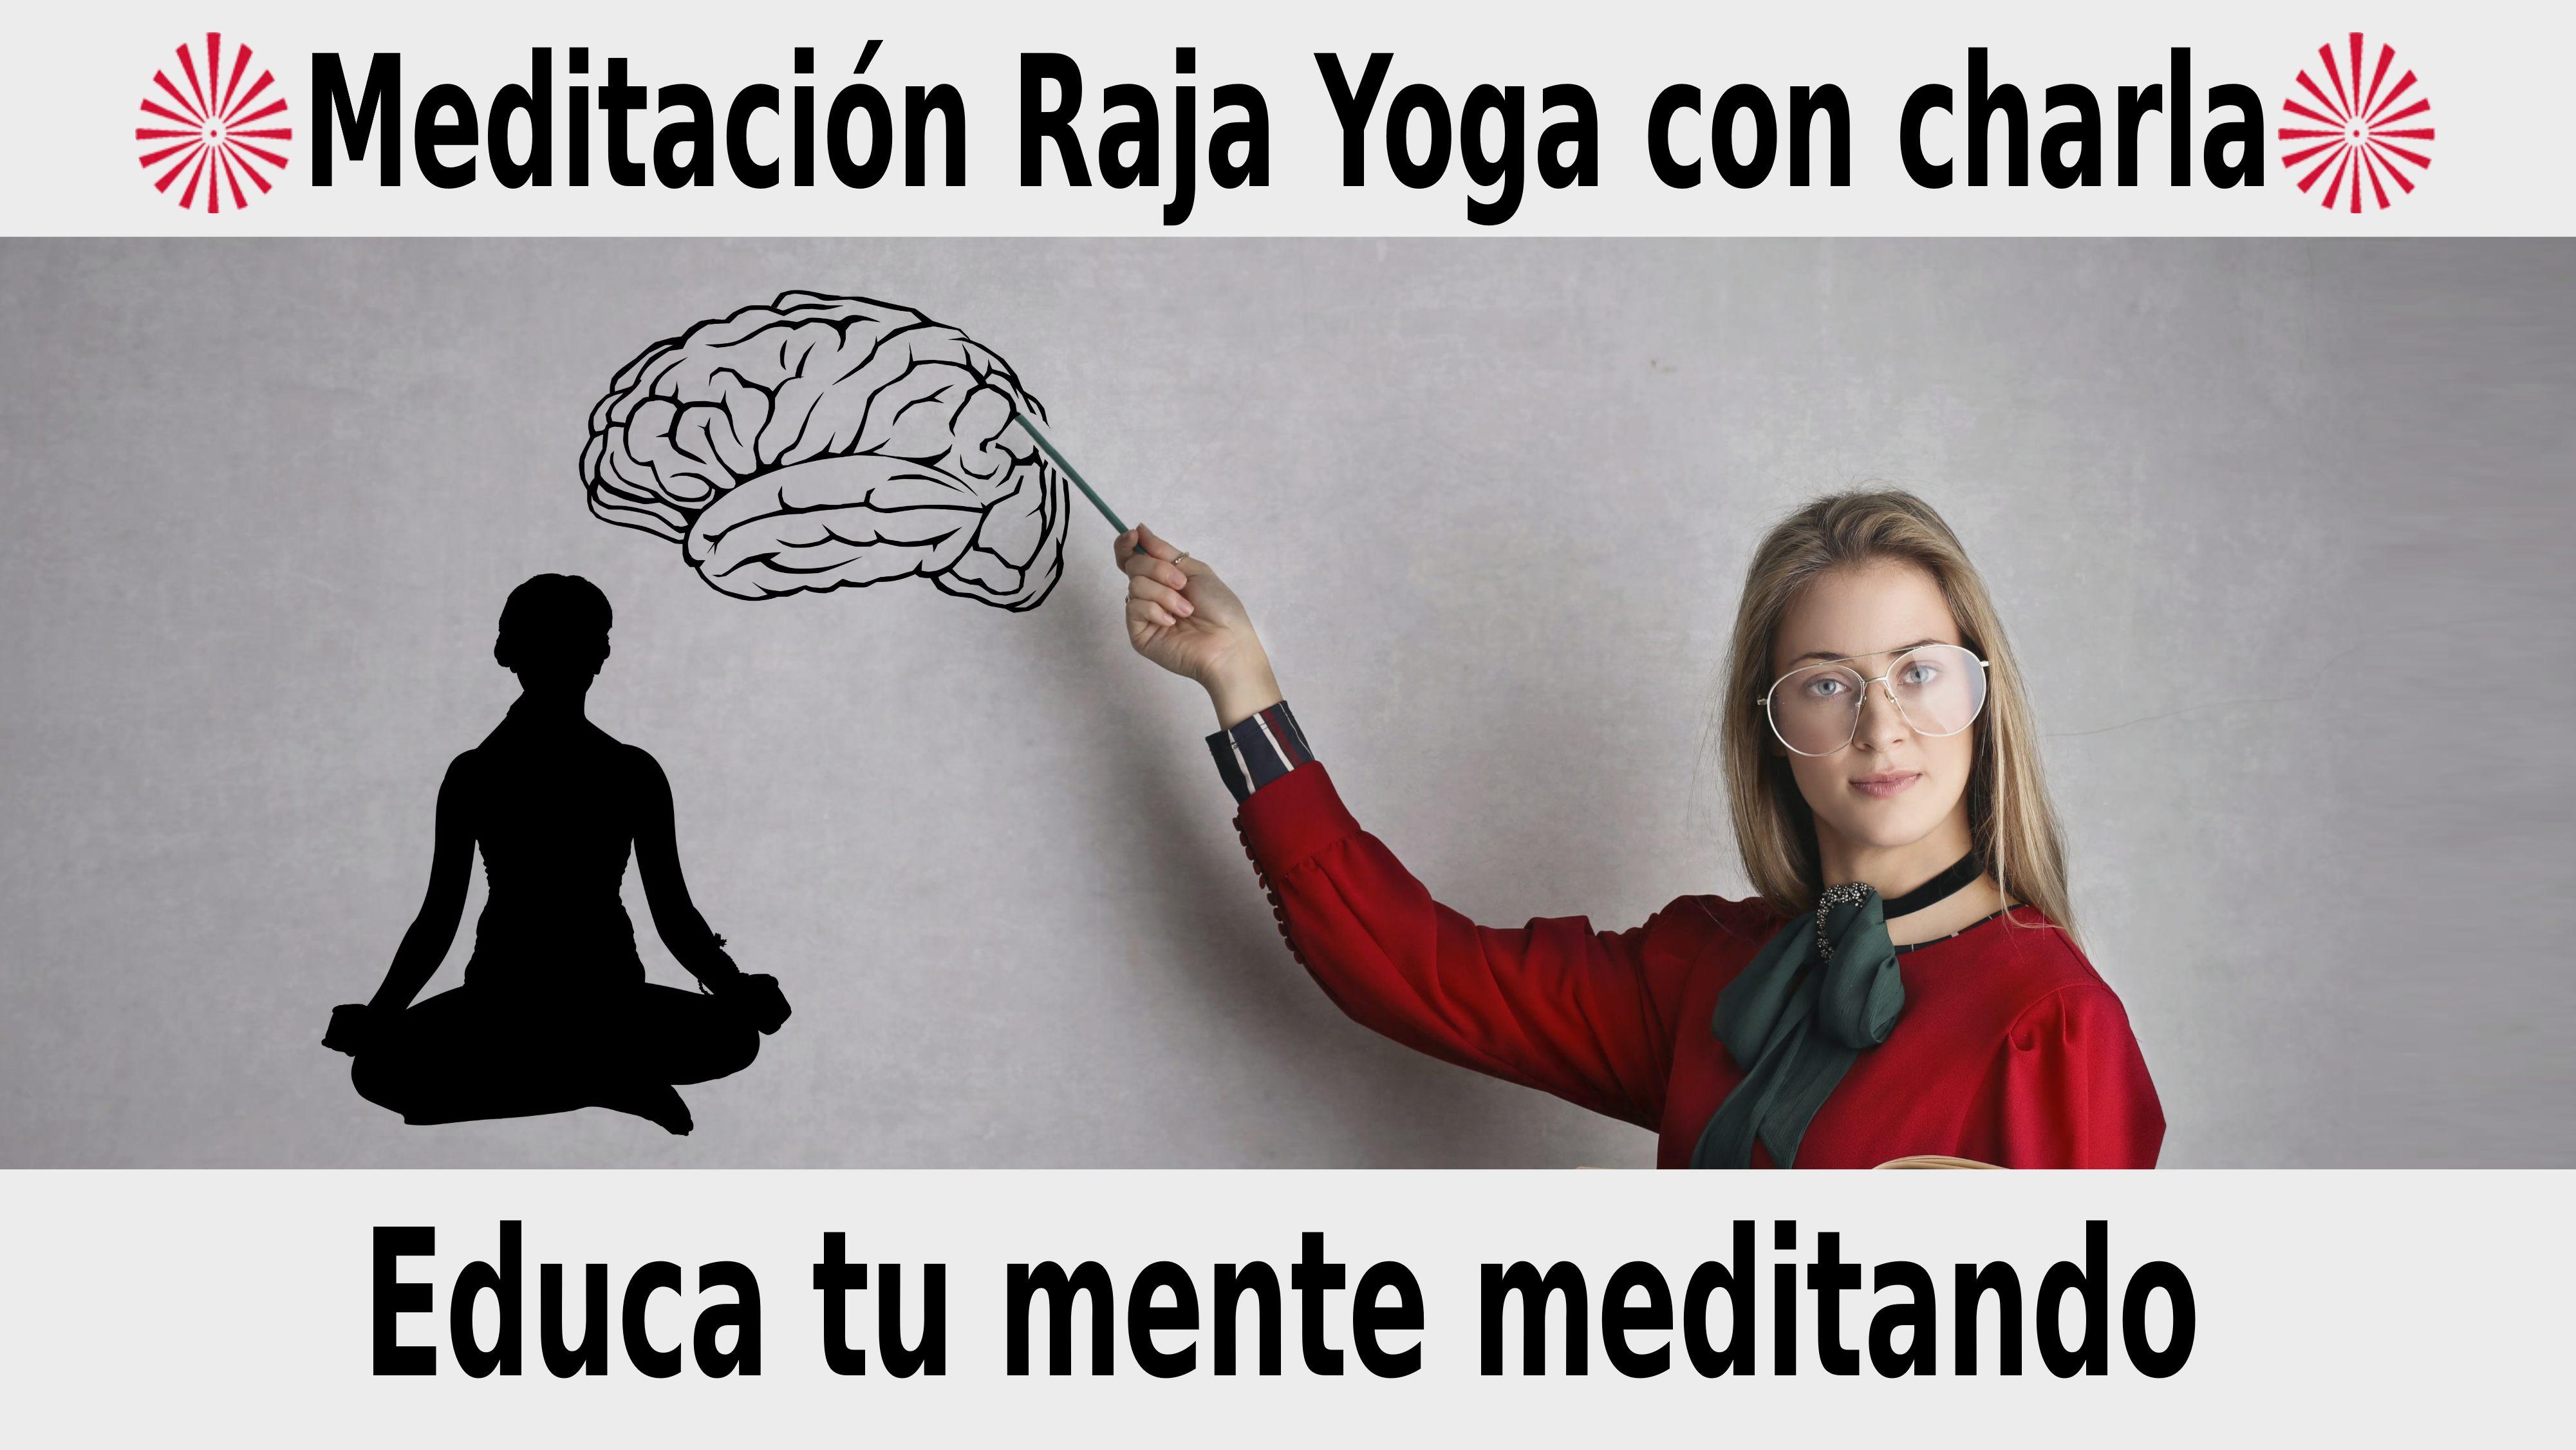 Meditación Raja Yoga con charla: Educa tu mente meditando (25 Noviembre 2020) On-line desde Sevilla